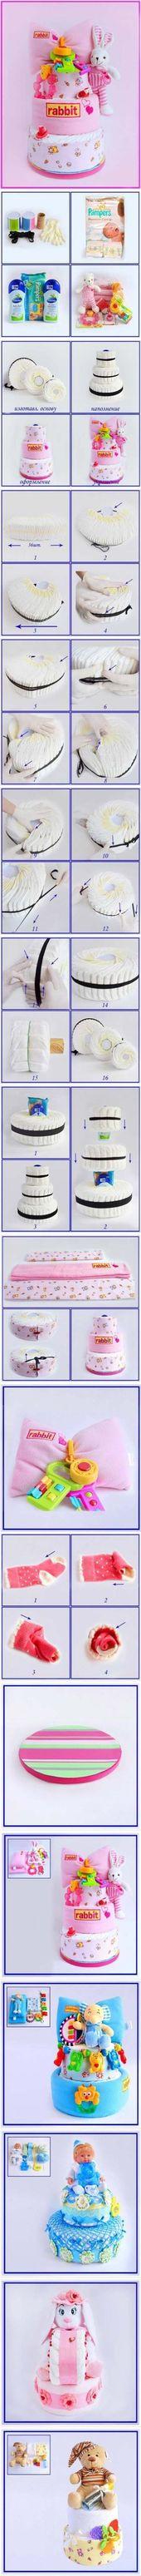 Beste Baby-Dusche Invitacin DIY Windel Kuchen 32 Ideen – Baby-Duschen || – #Ba ….   – Babykleidung